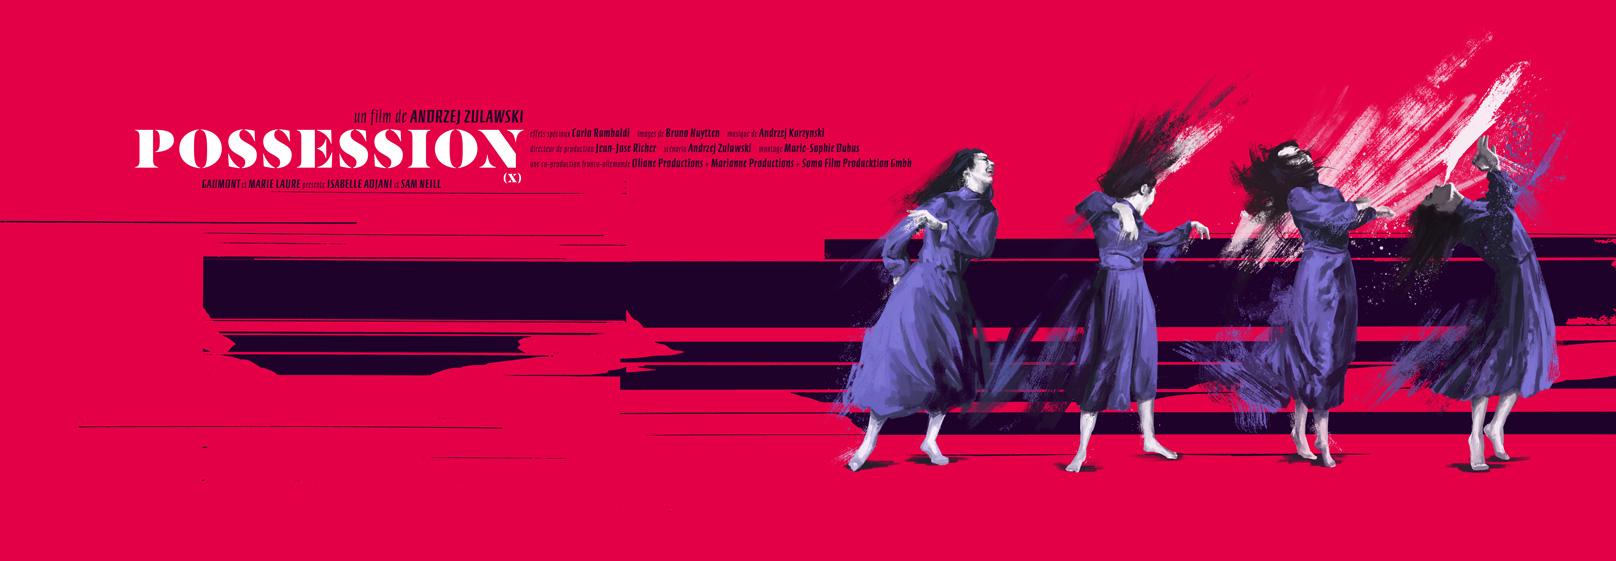 Possession-Poster-2.0.jpg